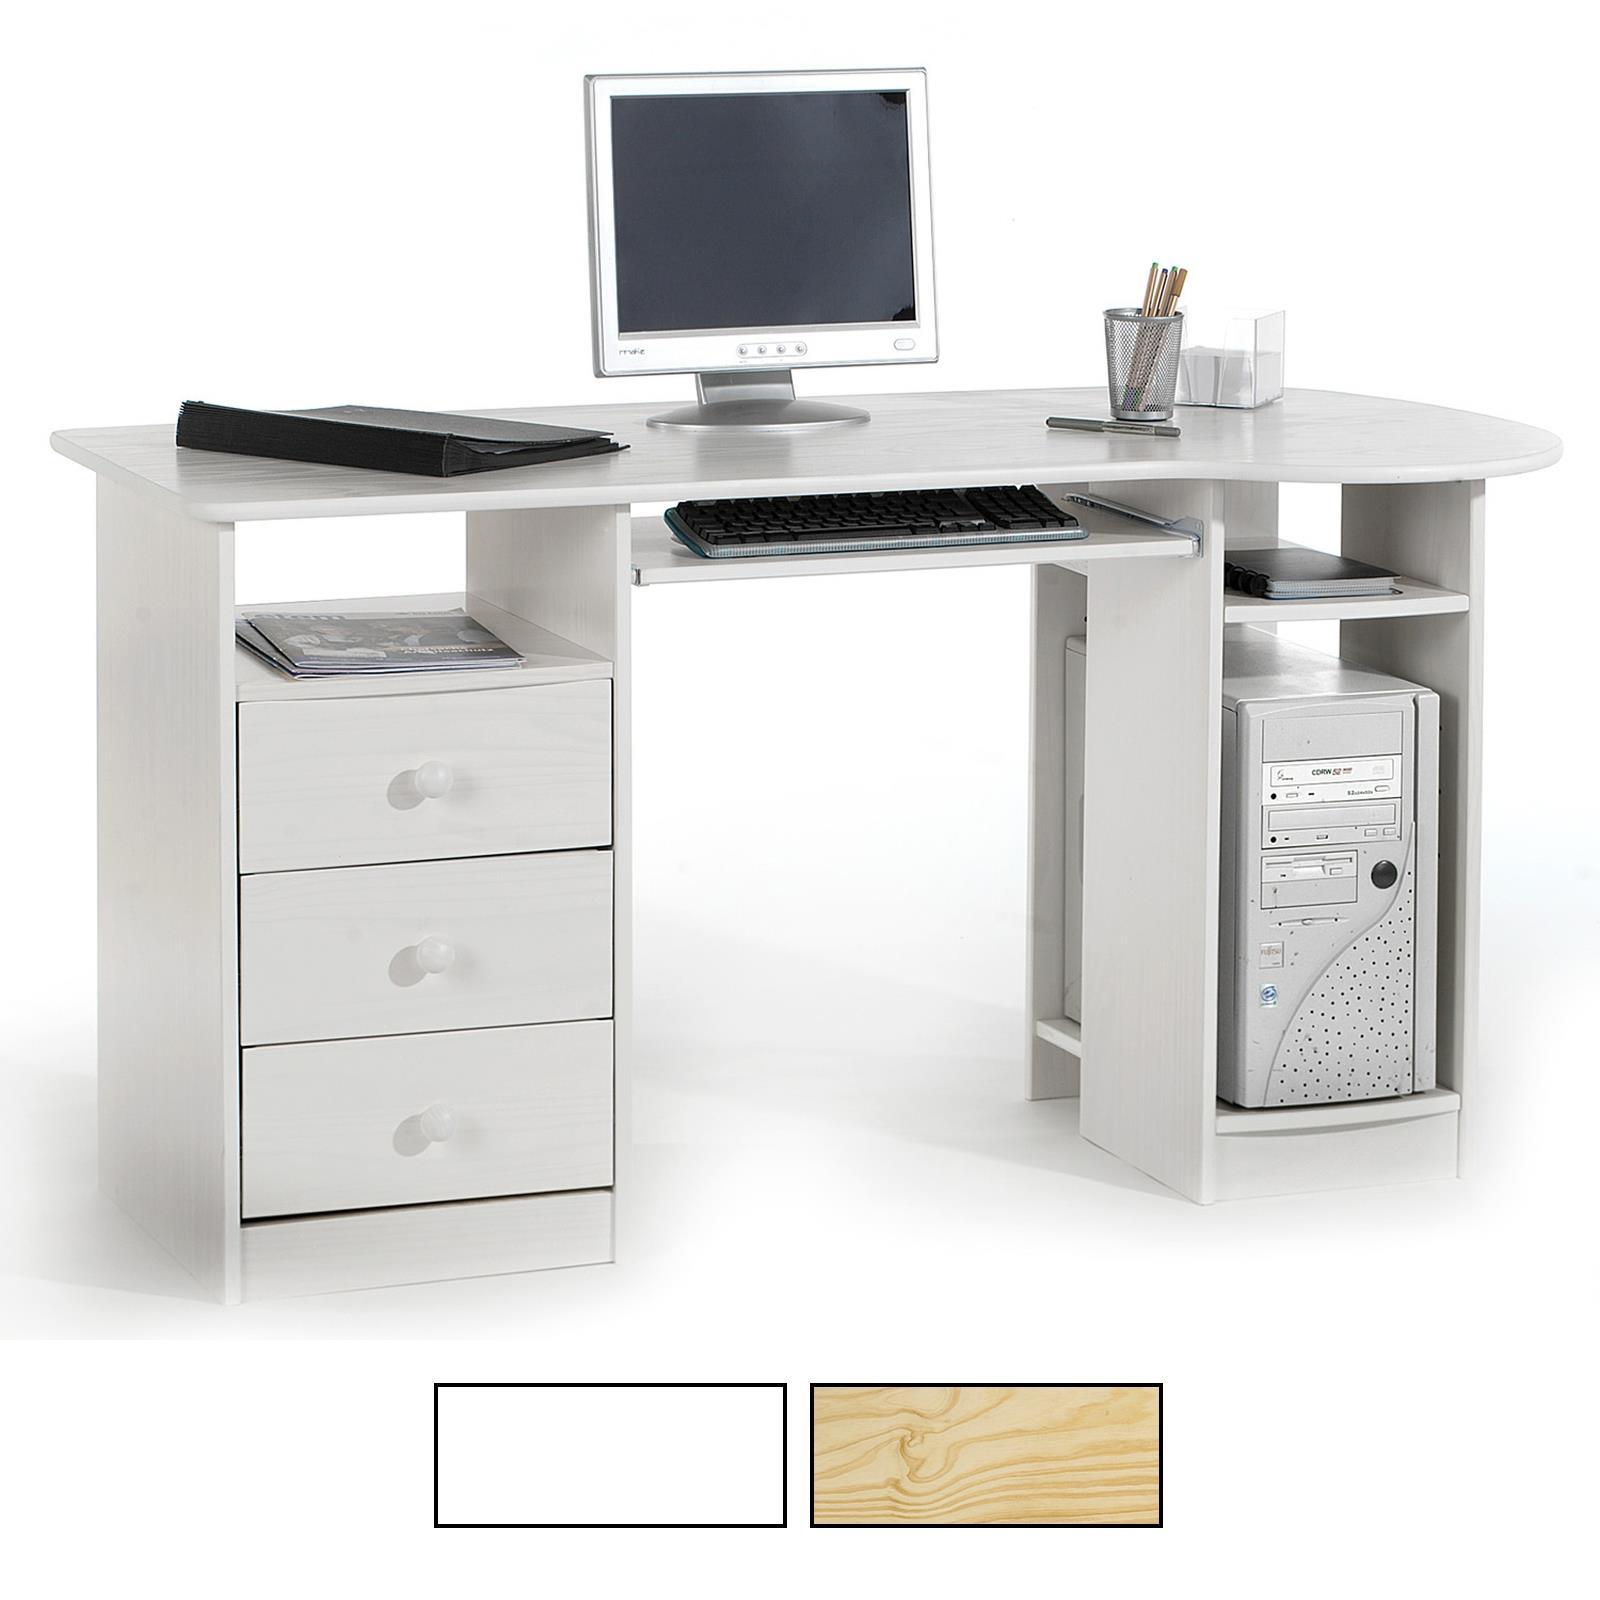 Schreibtisch in 2 farben kiefer massiv caro m bel for Schreibtisch in kiefer